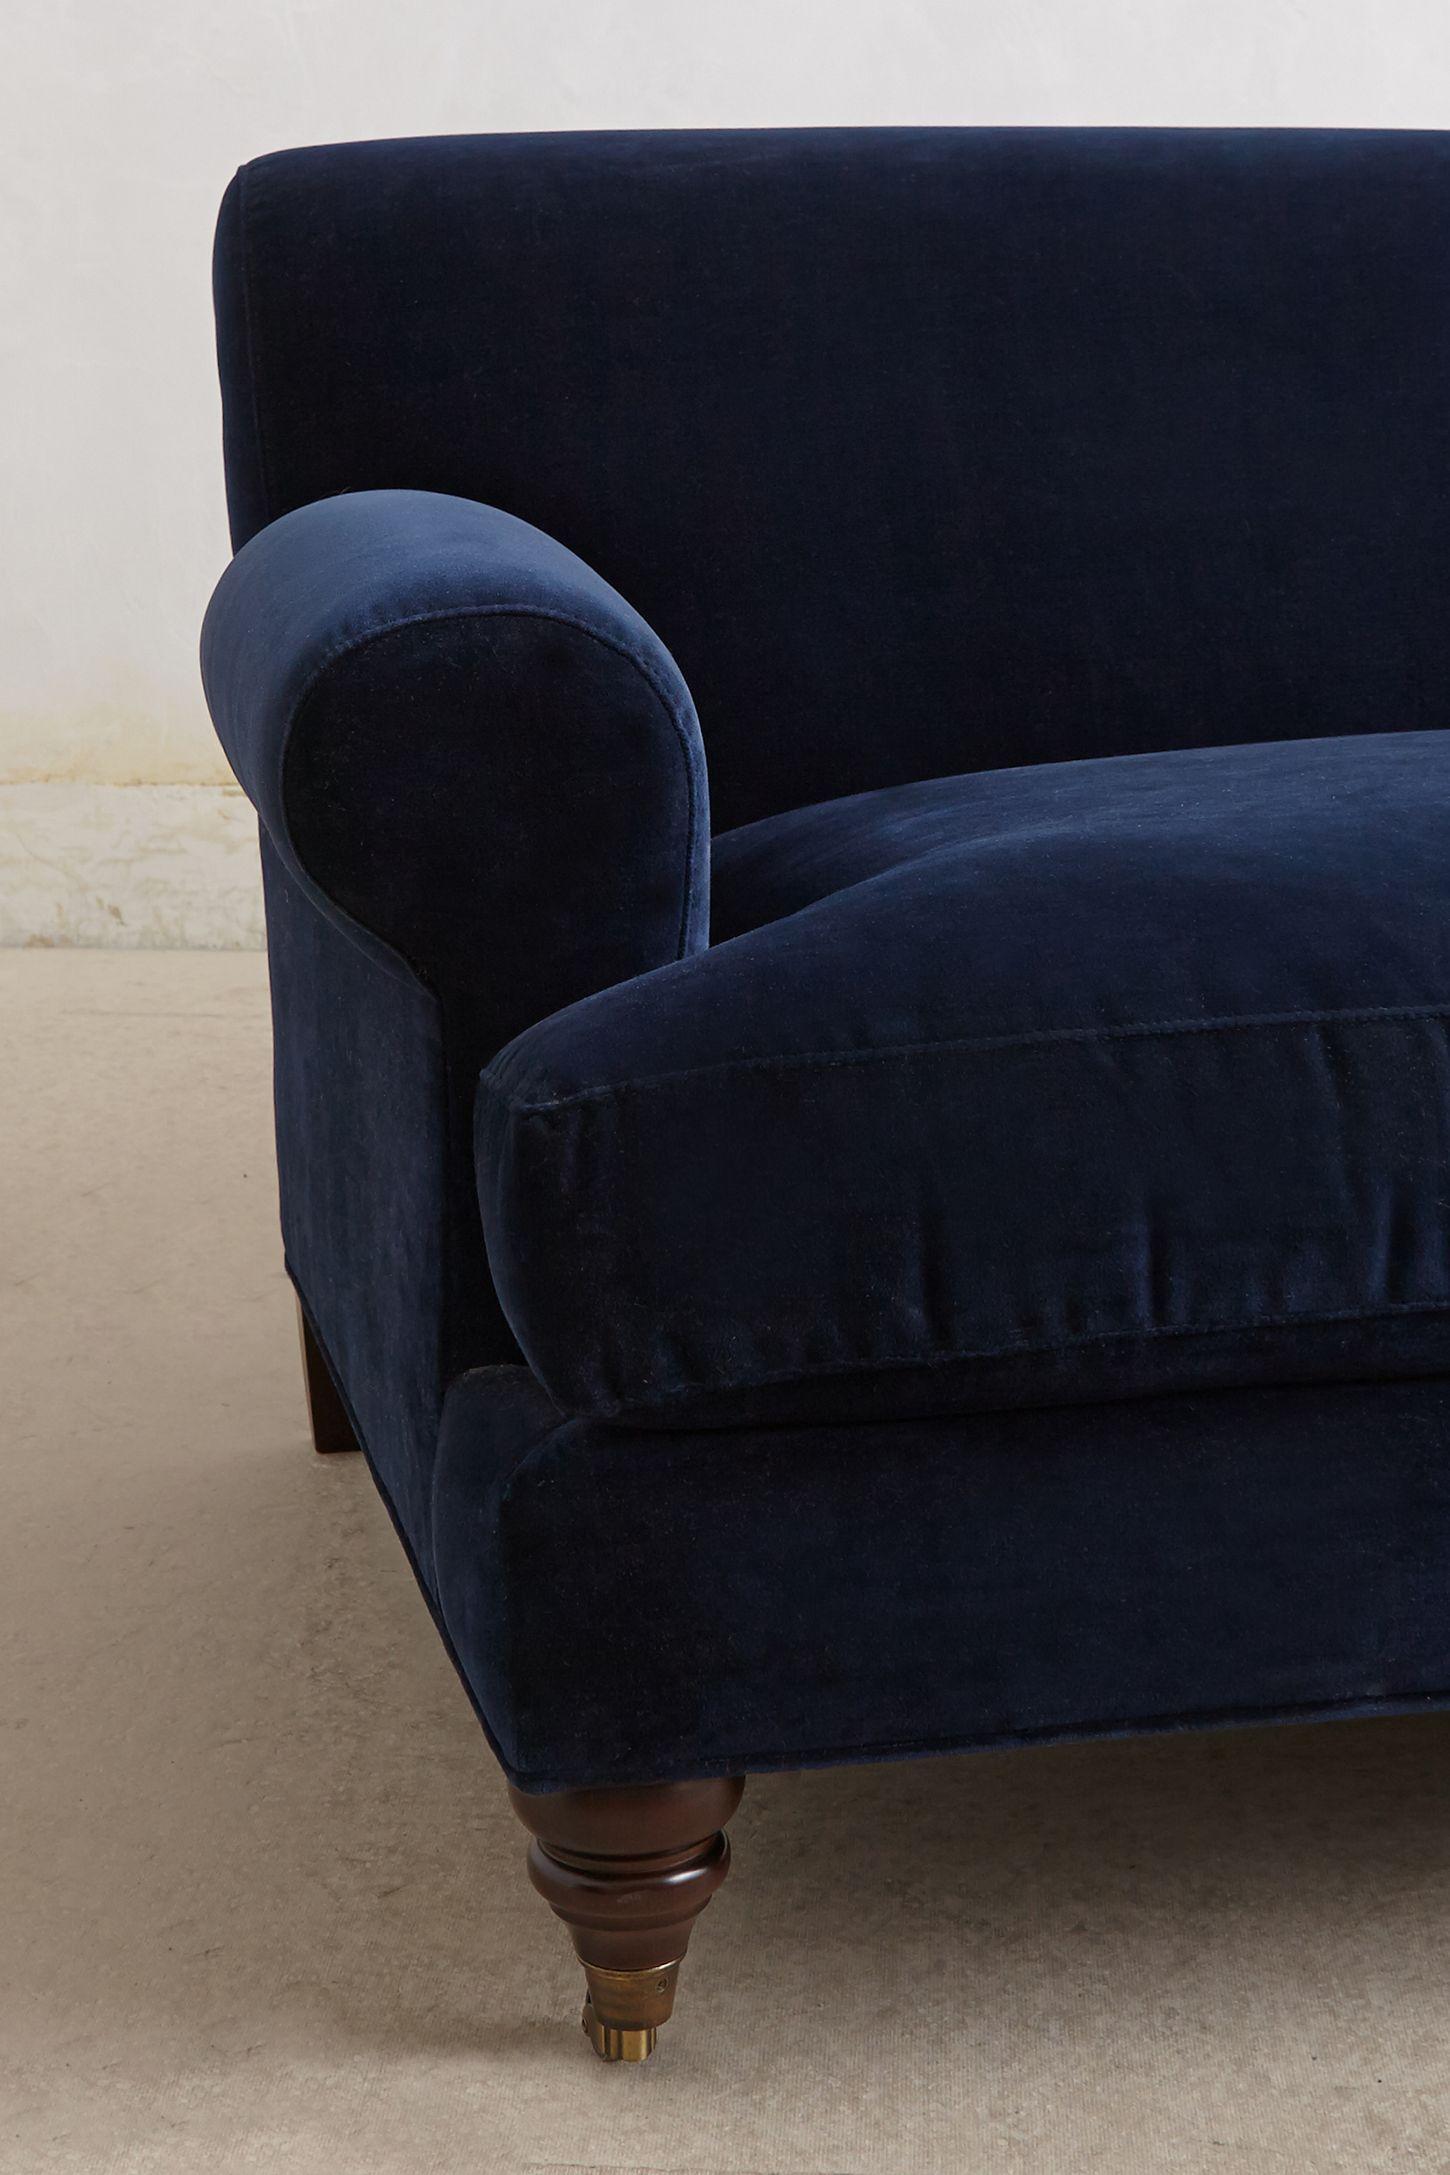 Velvet Willoughby Sofa, Hickory Sofa furniture